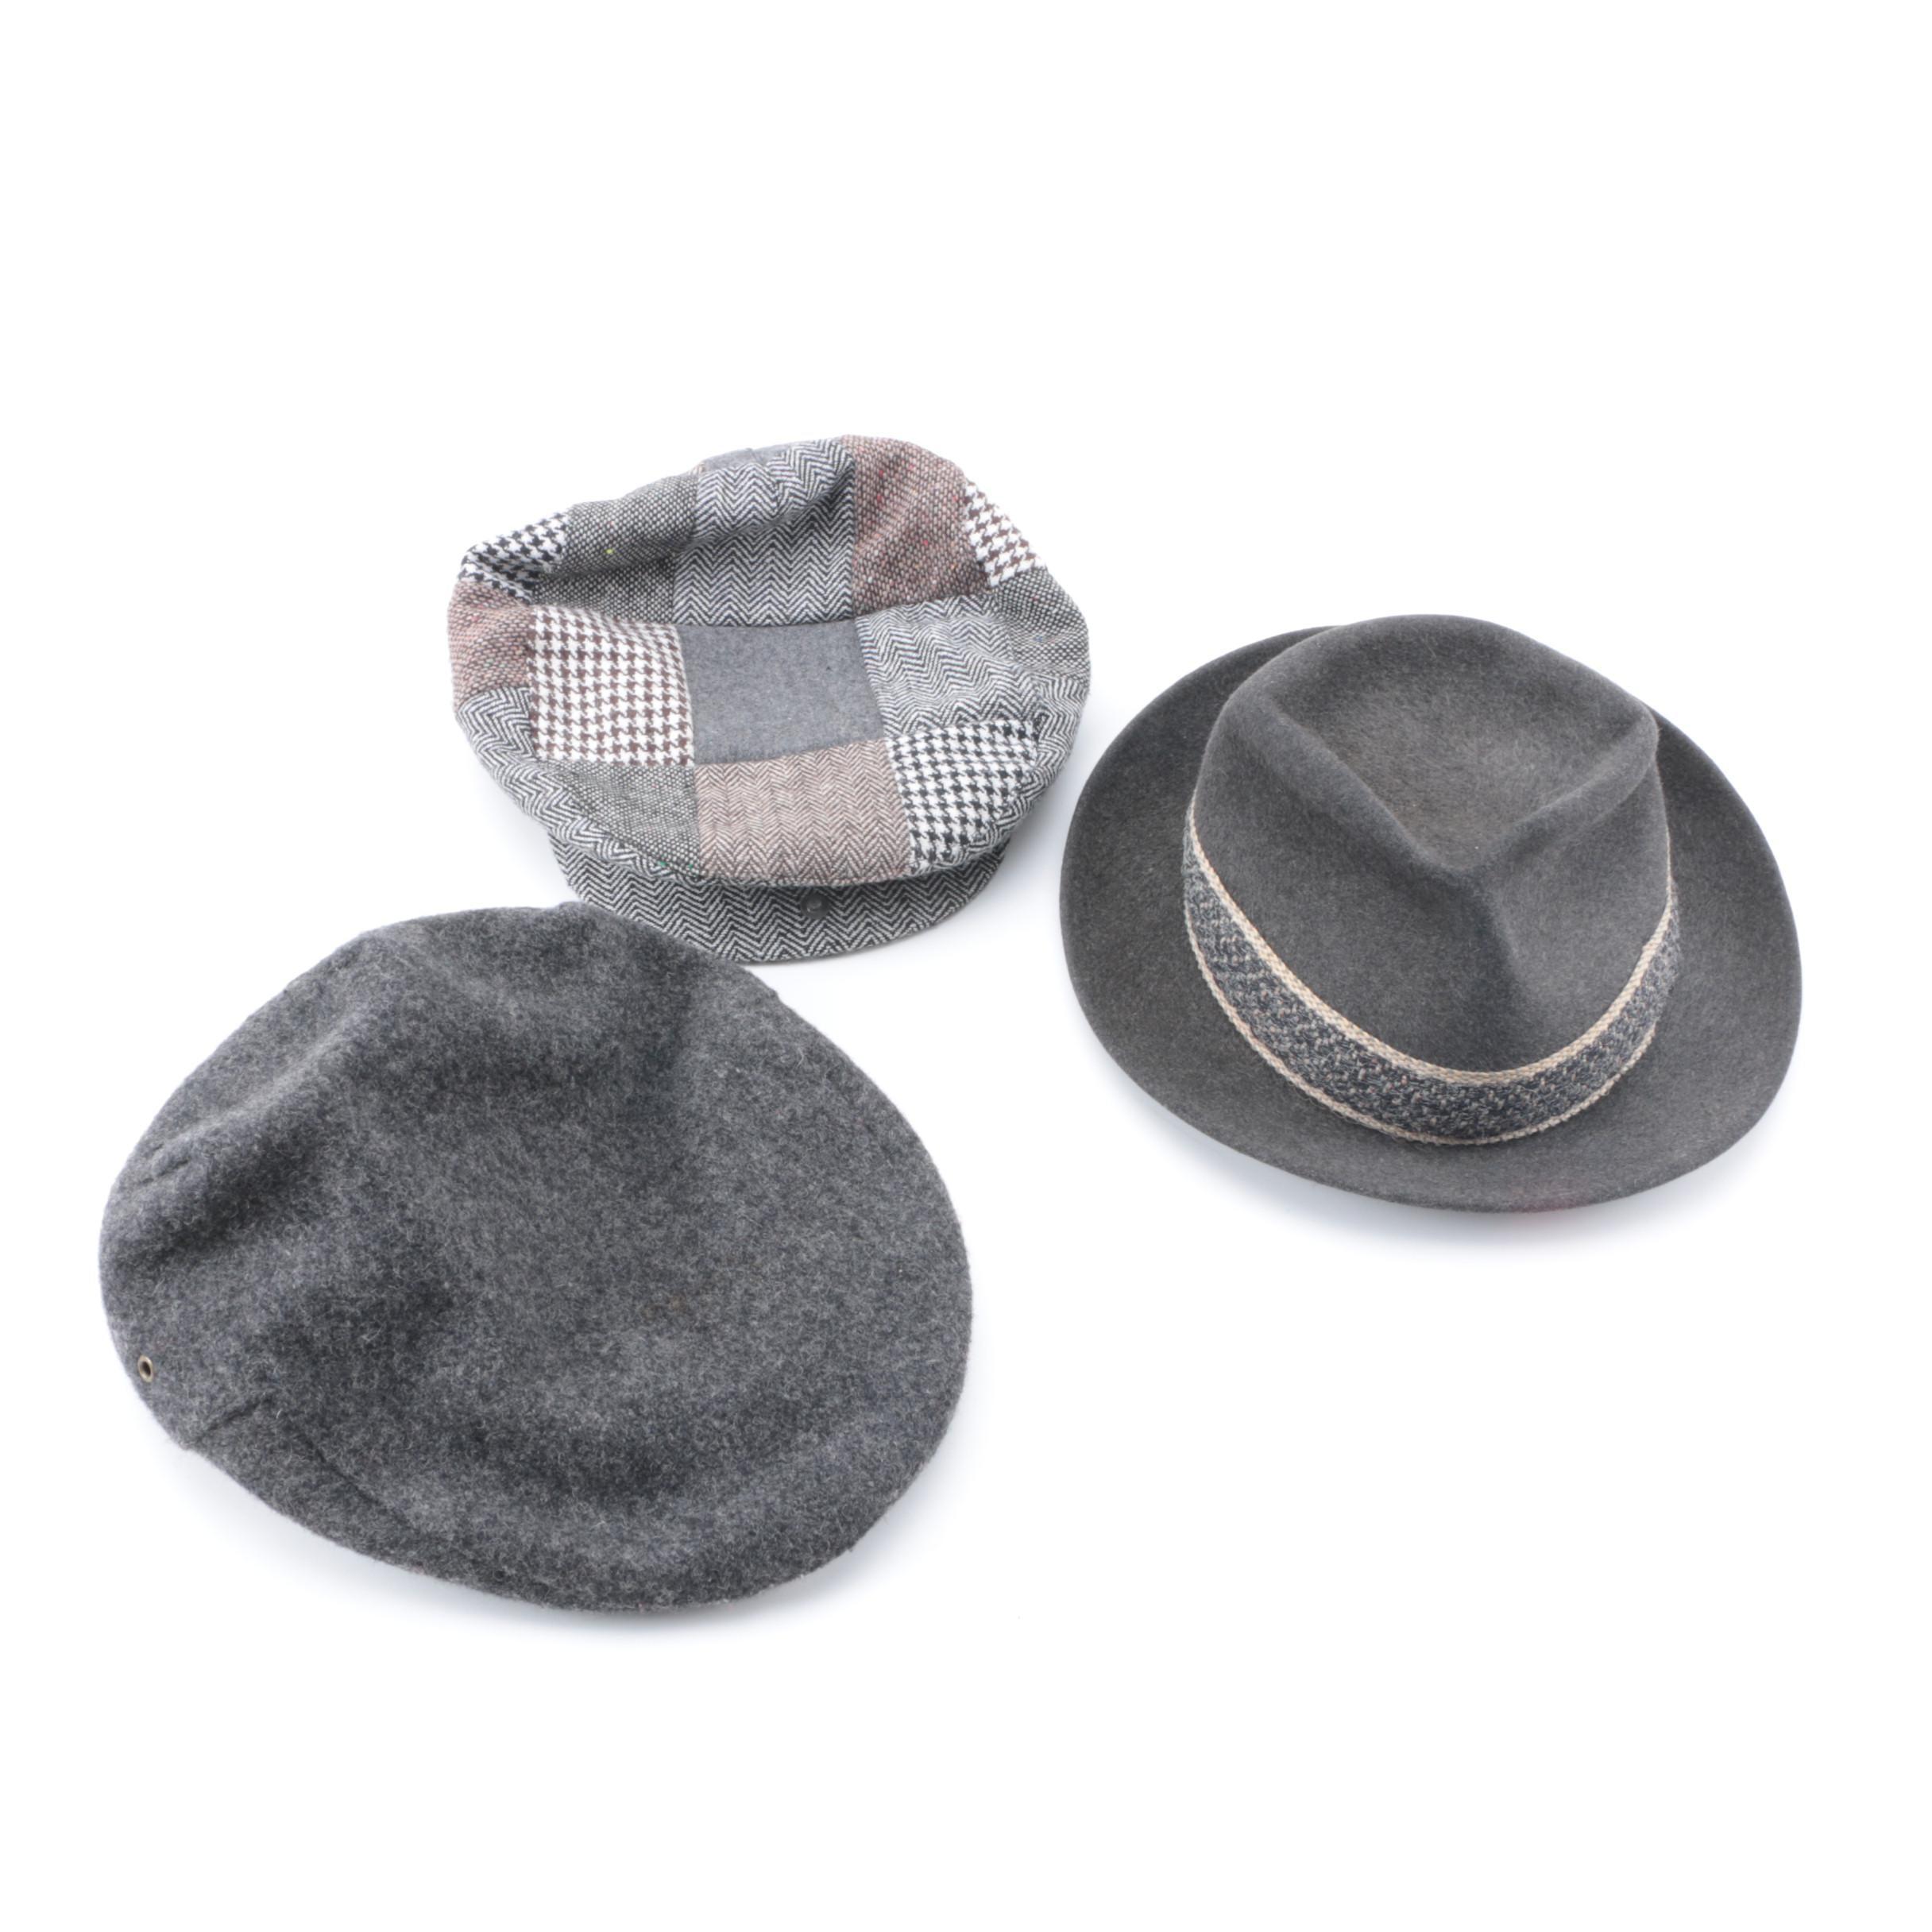 Men's Vintage Hats Including London Fog